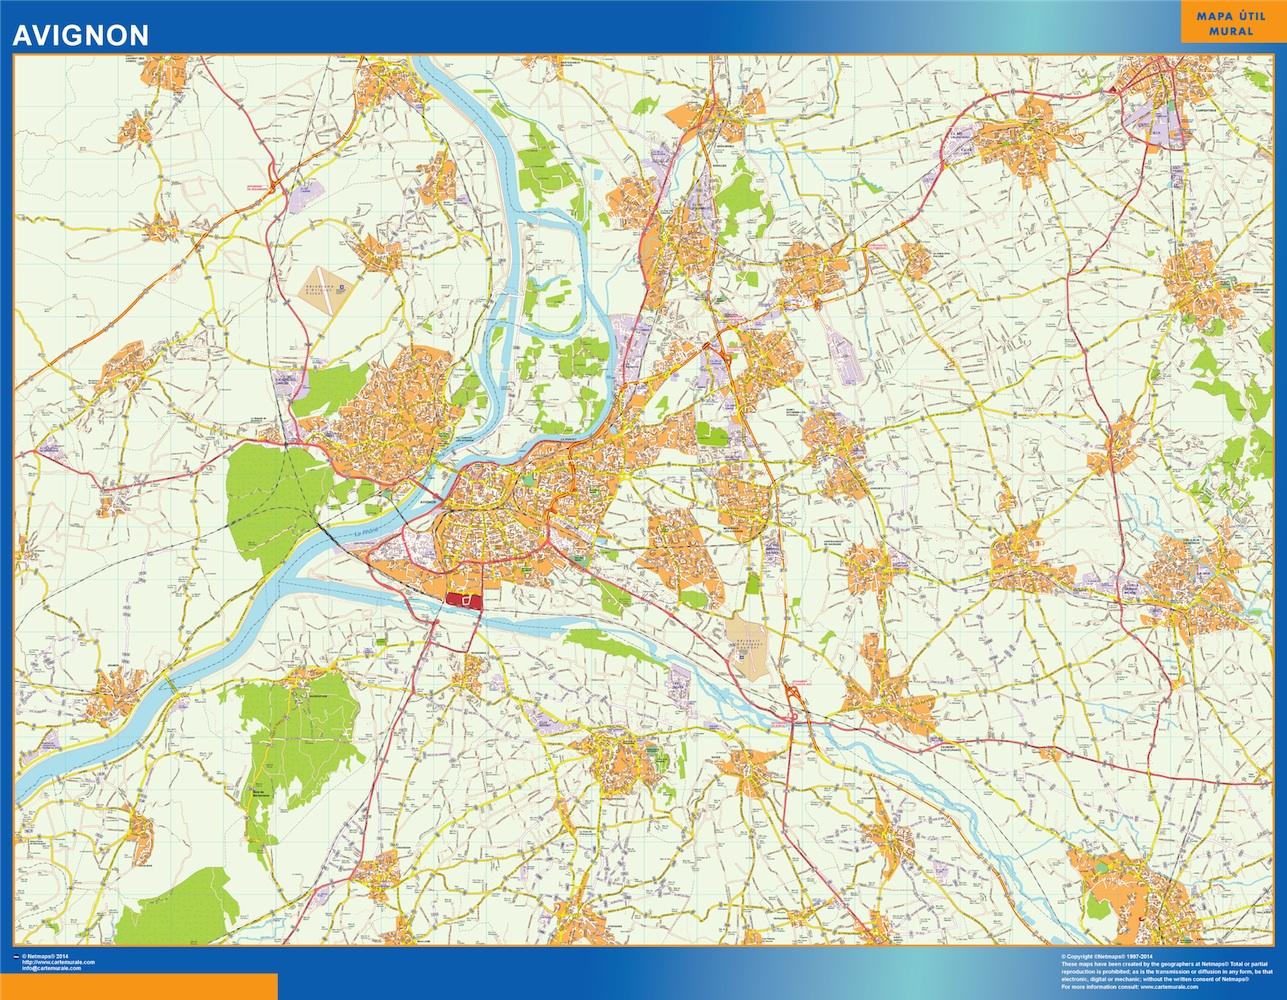 Mapa Avignon